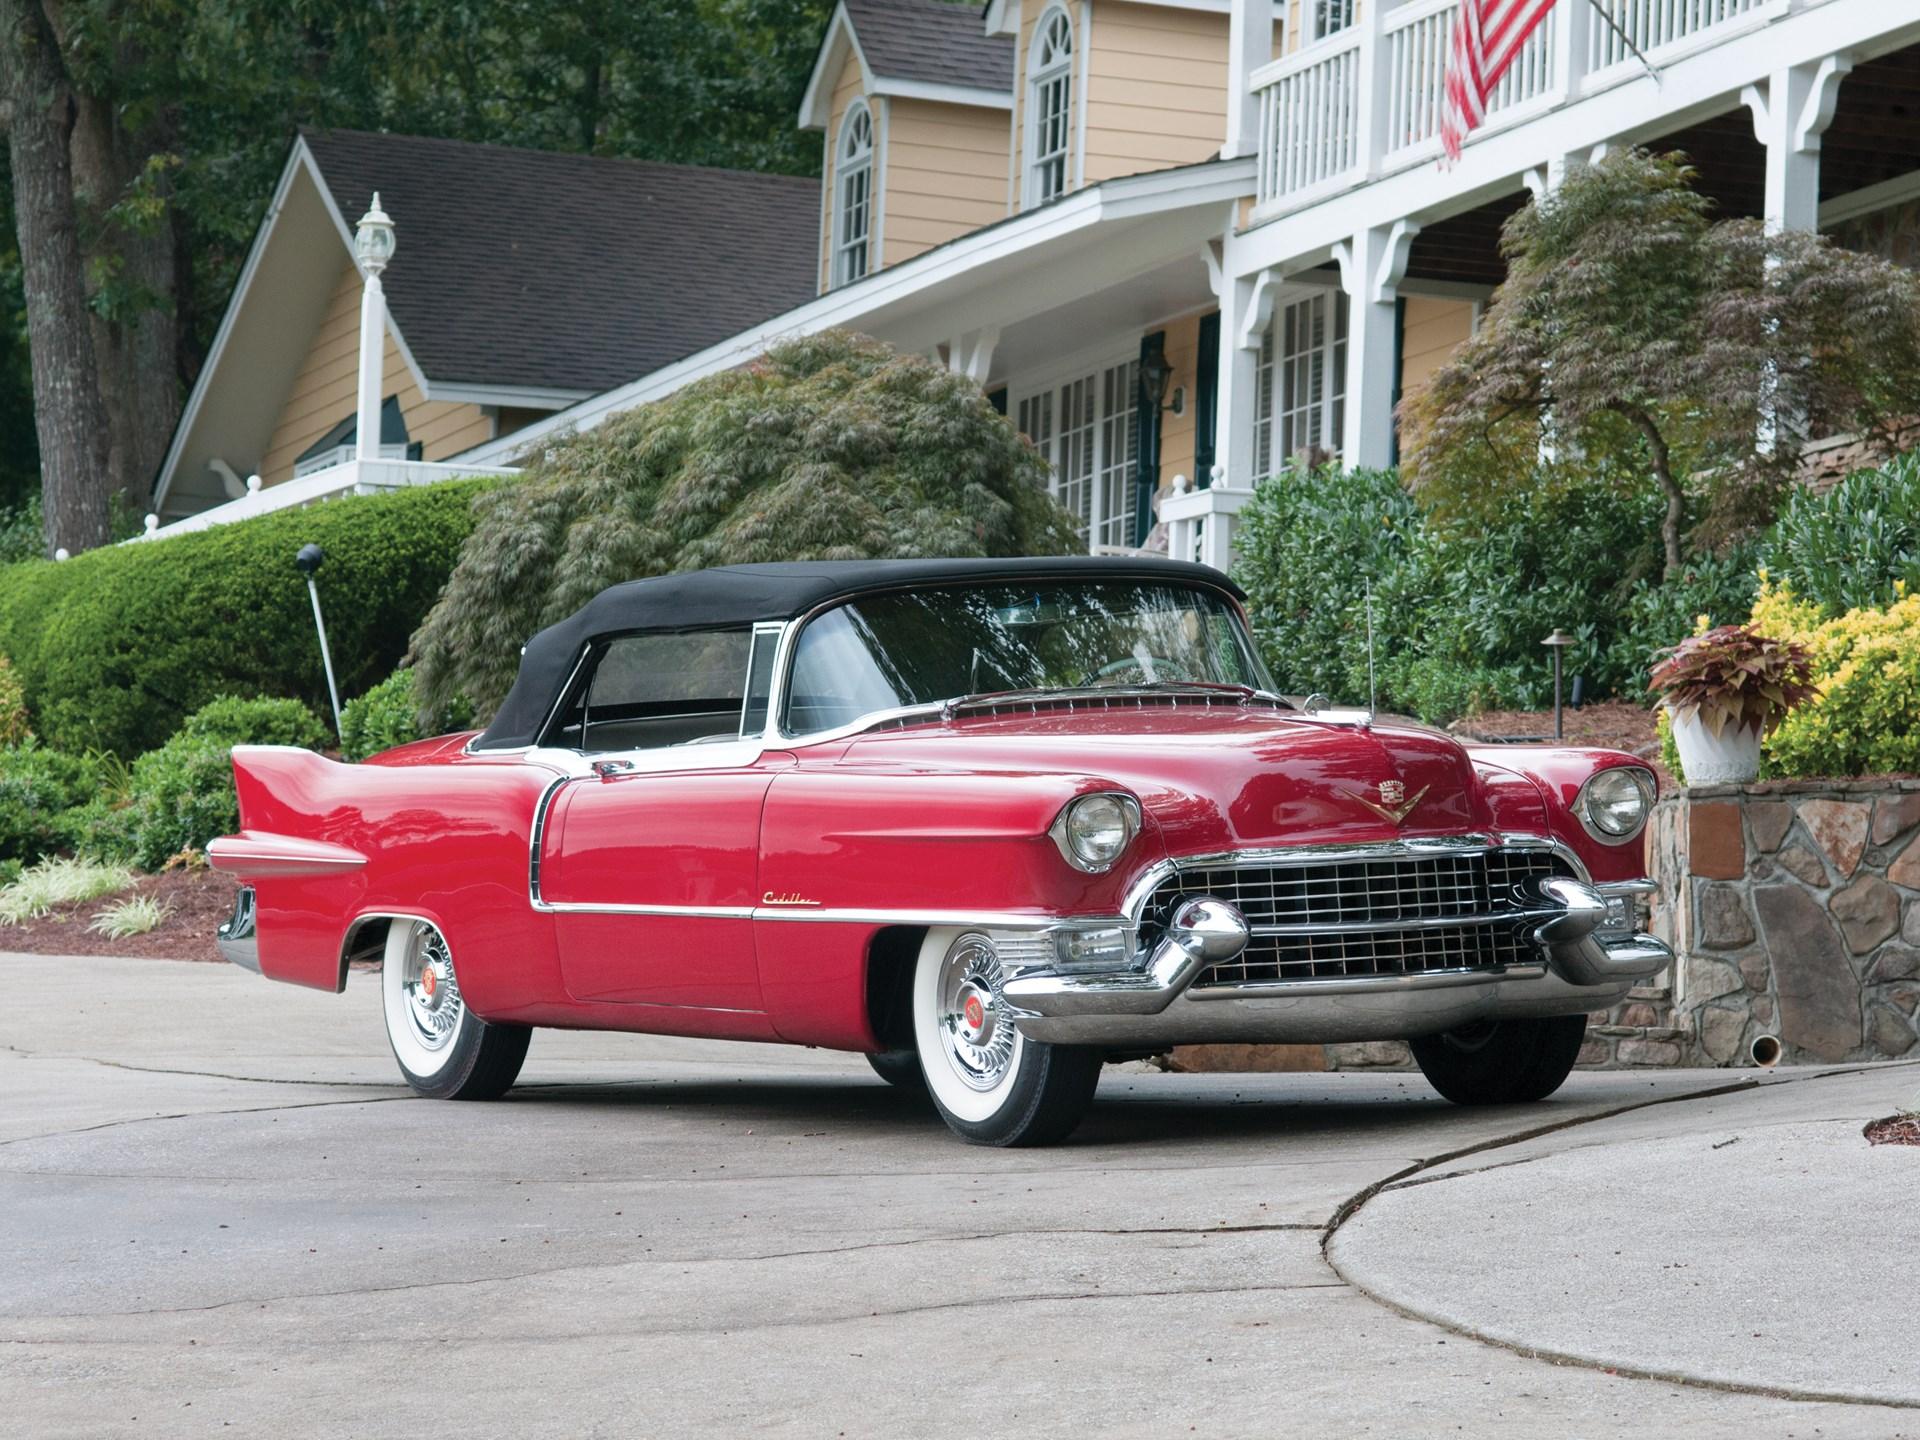 Rm Sotheby's 1955 Cadillac Eldorado Convertible Hershey 2014. 1955 Cadillac Eldorado Convertible. Cadillac. 55 Cadillac Wiring Seat At Scoala.co